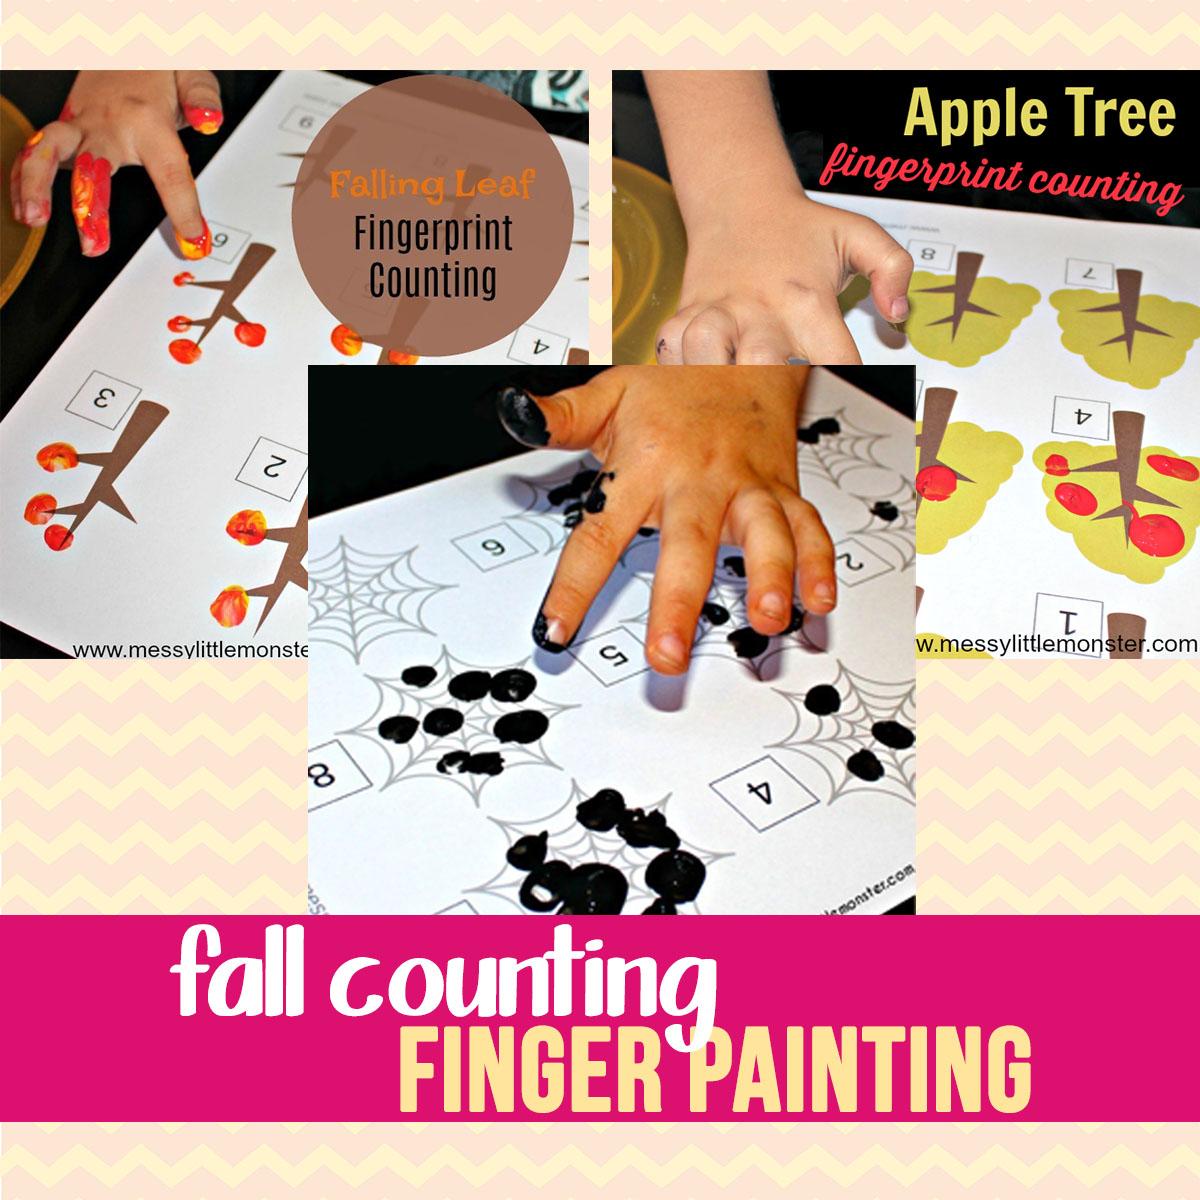 fingerprint counting activities for preschoolers